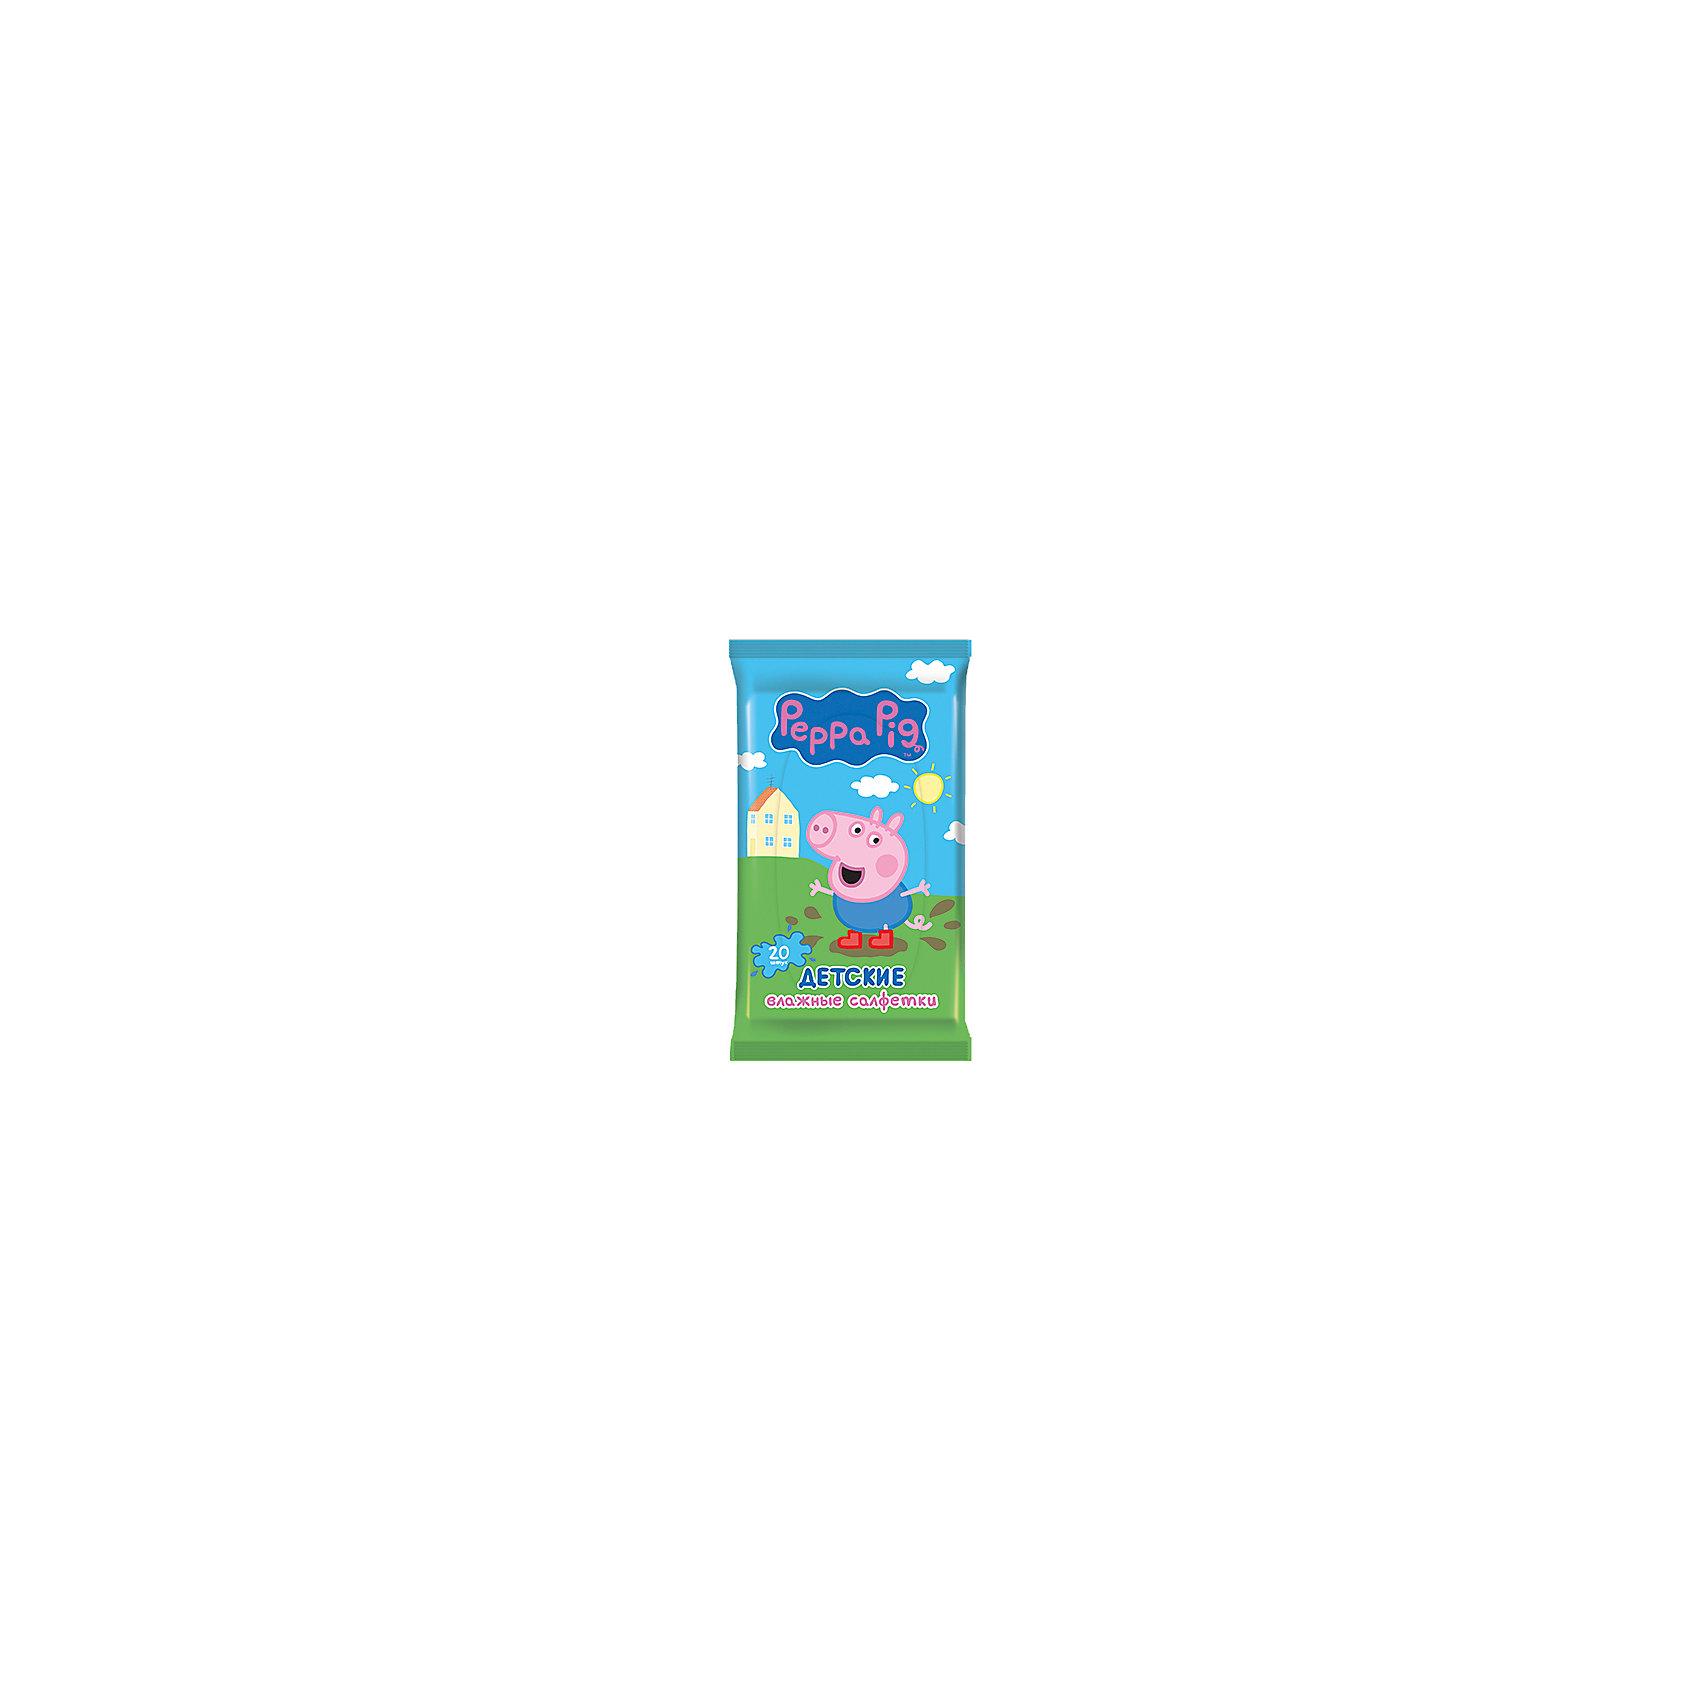 Детские влажные салфетки Peppa Pig 20 шт, АвангардВлажные салфетки<br>Характеристики:<br><br>• Коллекция: Свинка Пеппа<br>• Материал: нетканый материал, лосьон<br>• Количество в упаковке: 20 штук<br>• Не содержат спирта<br>• Яркая герметичная упаковка с клапаном<br>• В состав пропитки входит отдушка Bubble Gum<br>• Вес: 100 г<br>• Размеры (Д*Ш*В): 8*15*2 см<br><br>Материал является гипоаллергенным, не раздражает нежную детскую кожу, длительное время удерживает влагу, благодаря чему салфетки сохраняют свои свойства. При использовании не изменяют pH уровень кожи. Салфетки имеют компактную упаковку с клапаном, который обеспечивает герметичность и защищает от пересыхания. Уникальный состав пропитки, в состав которой входит отдушка Bubble Gum, позволяет легко и быстро очистить и освежить кожу.<br><br>Детские влажные салфетки Peppa Pig 20 шт, Авангард можно купить в нашем интернет-магазине.<br><br>Ширина мм: 80<br>Глубина мм: 150<br>Высота мм: 20<br>Вес г: 100<br>Возраст от месяцев: 0<br>Возраст до месяцев: 84<br>Пол: Унисекс<br>Возраст: Детский<br>SKU: 5489920